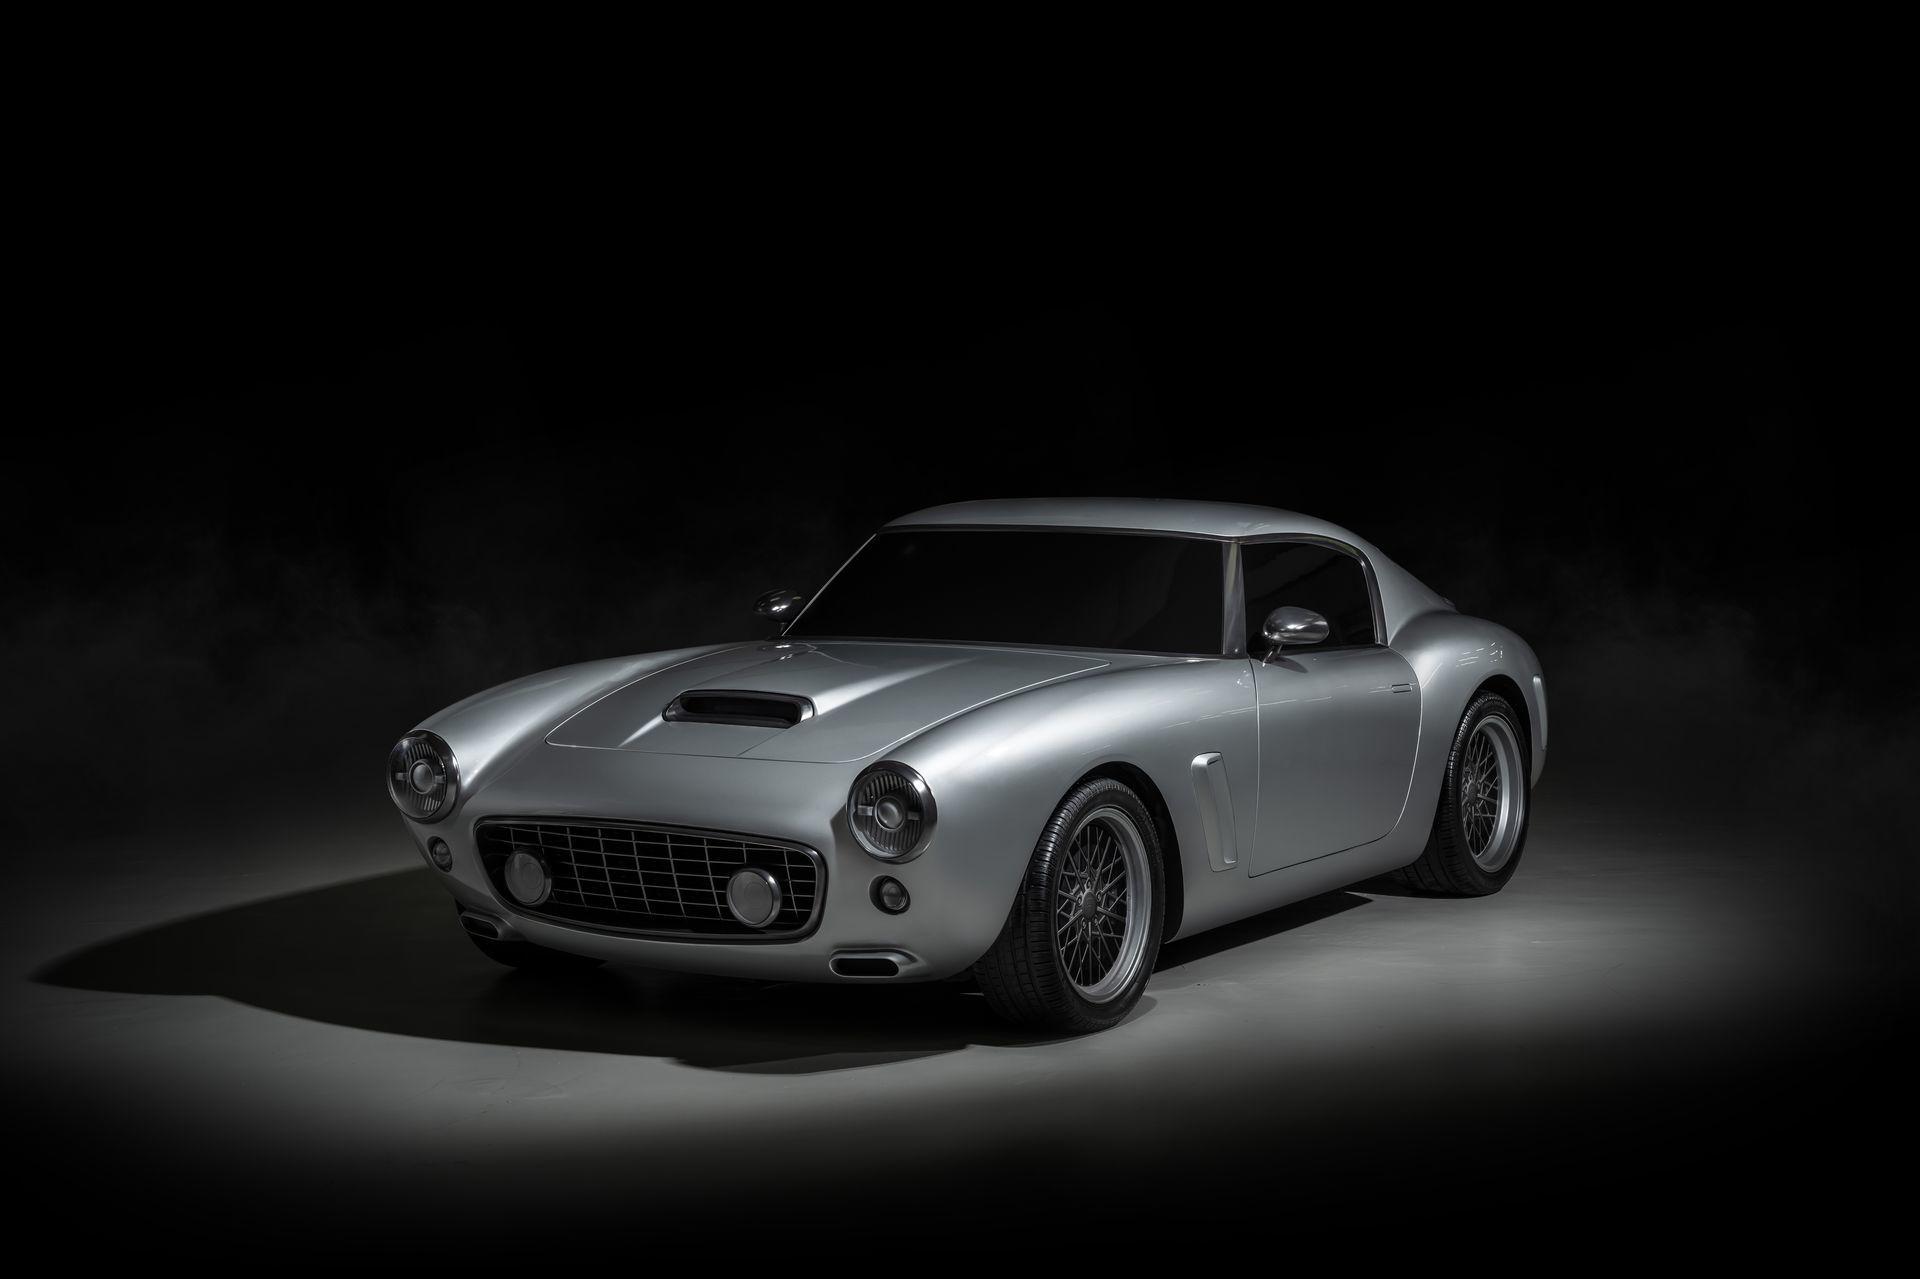 Rml Short Wheelbase Ferrari 250 8